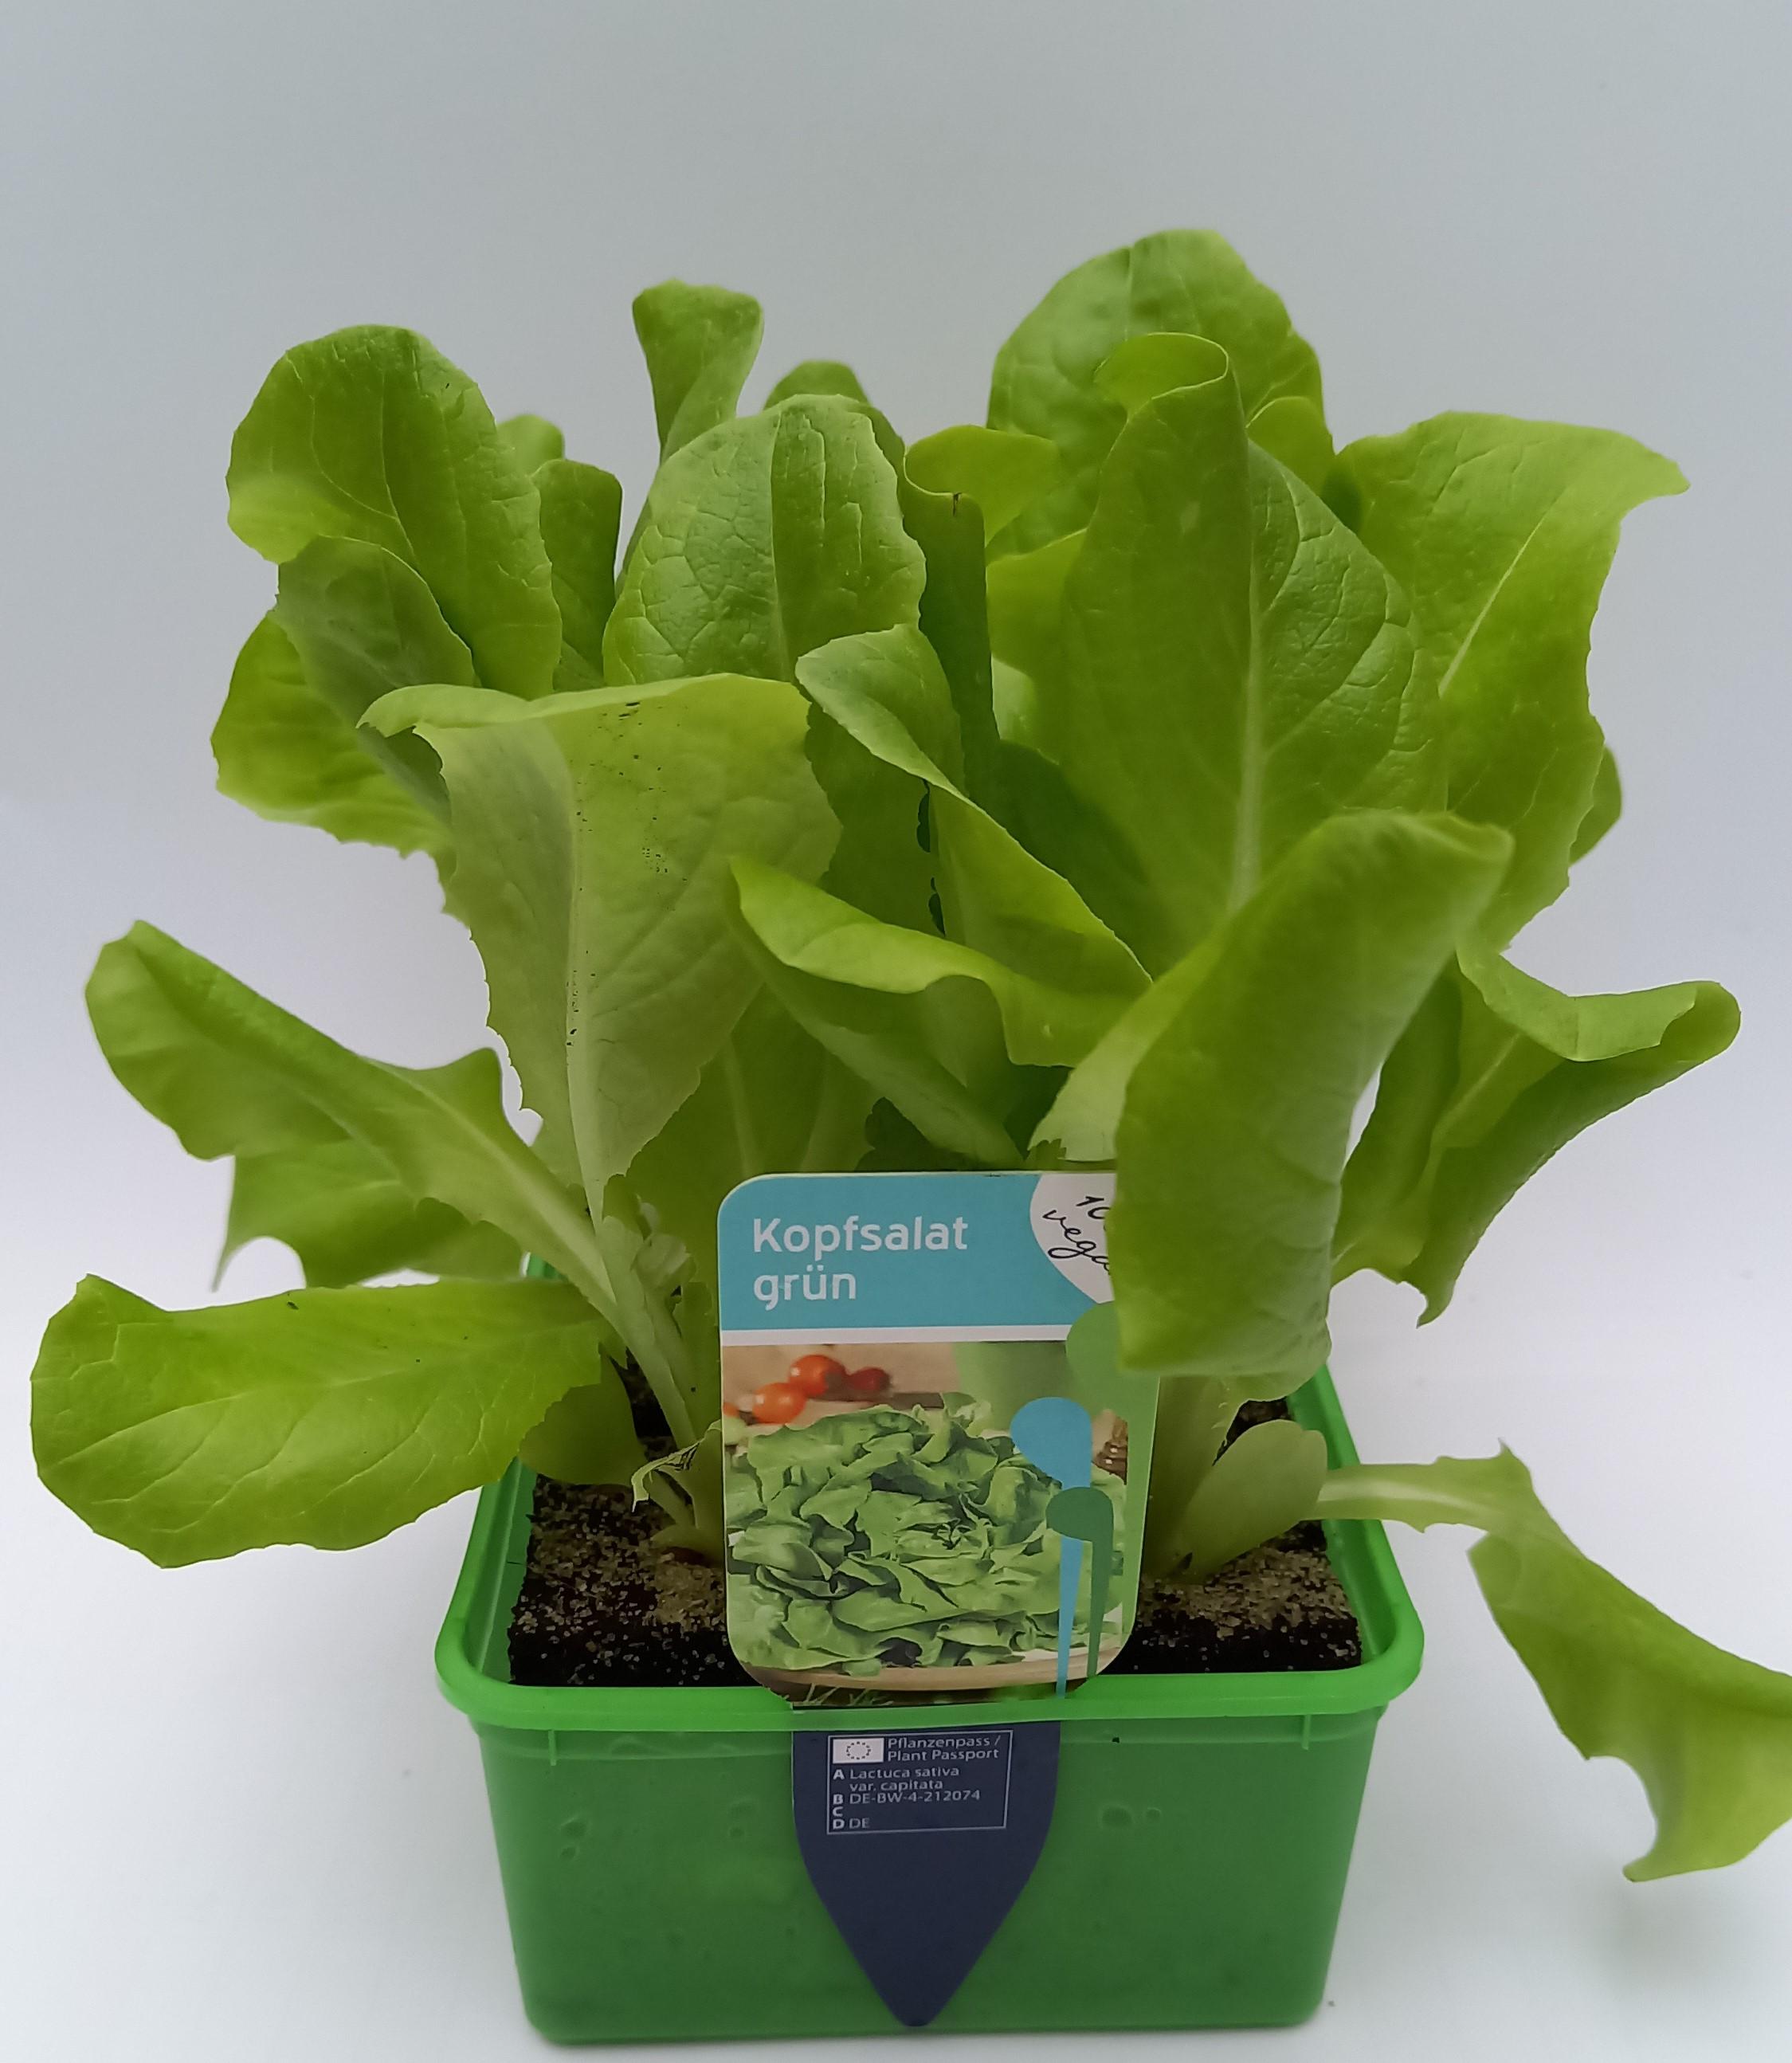 Kopfsalat grün 6er Schale